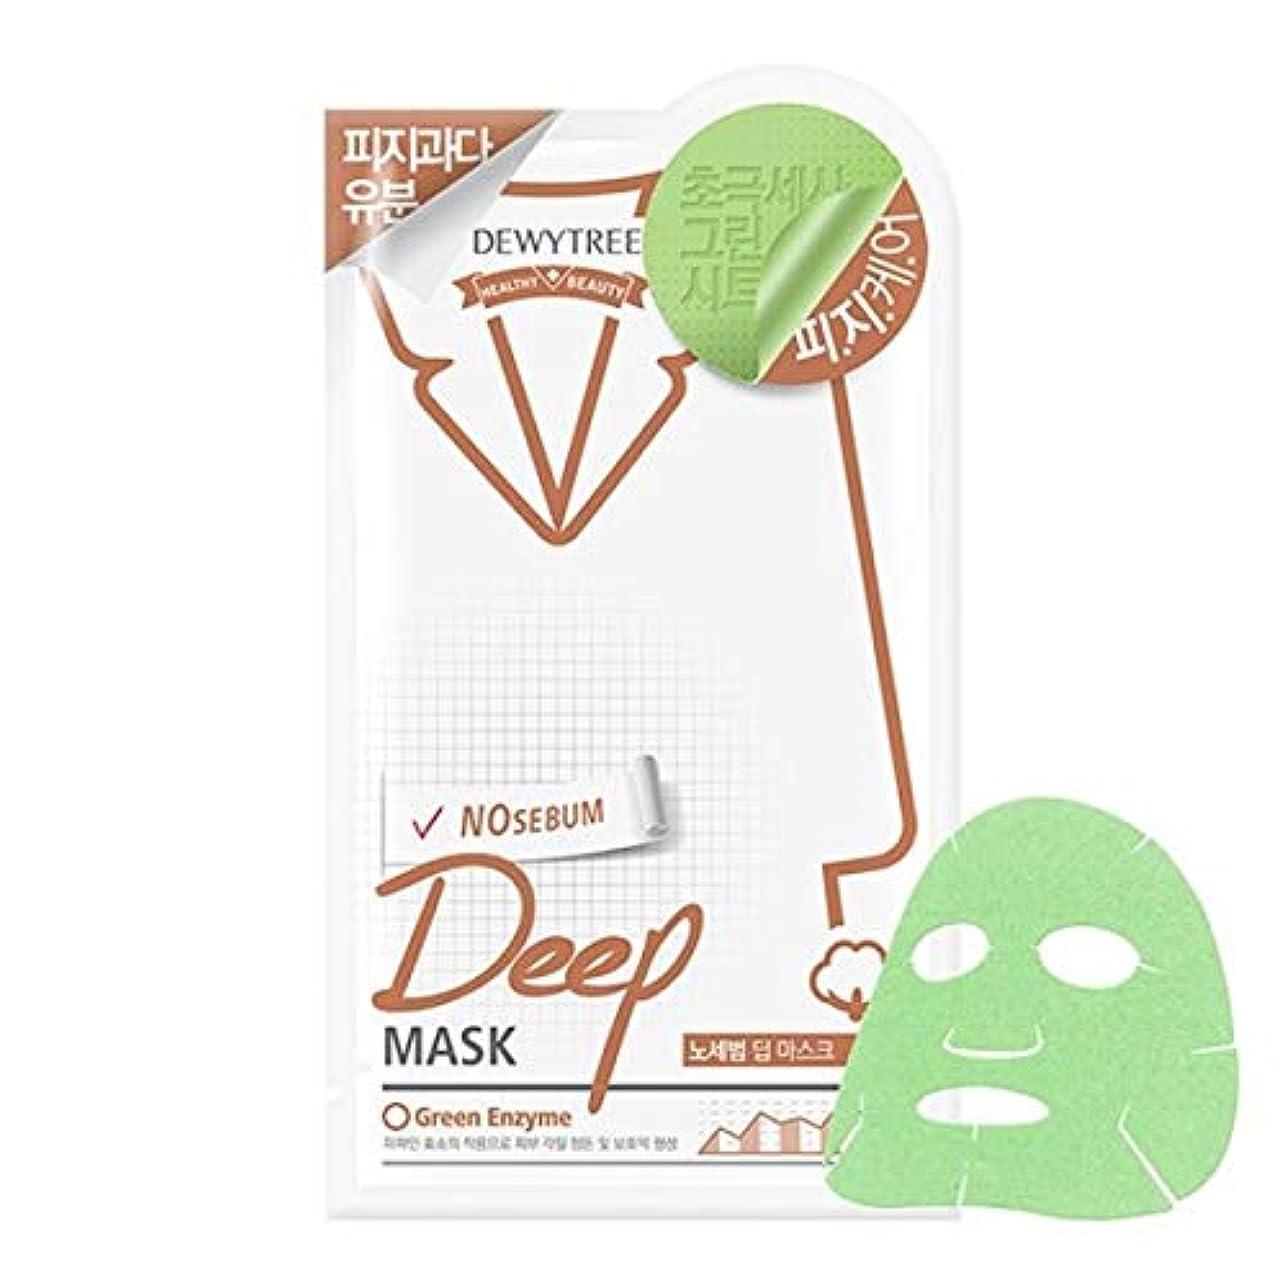 殺す長老位置する(デューイトゥリー) DEWYTREE ノセボムディープマスク 20枚 Nosebum Deep Mask 韓国マスクパック (並行輸入品)